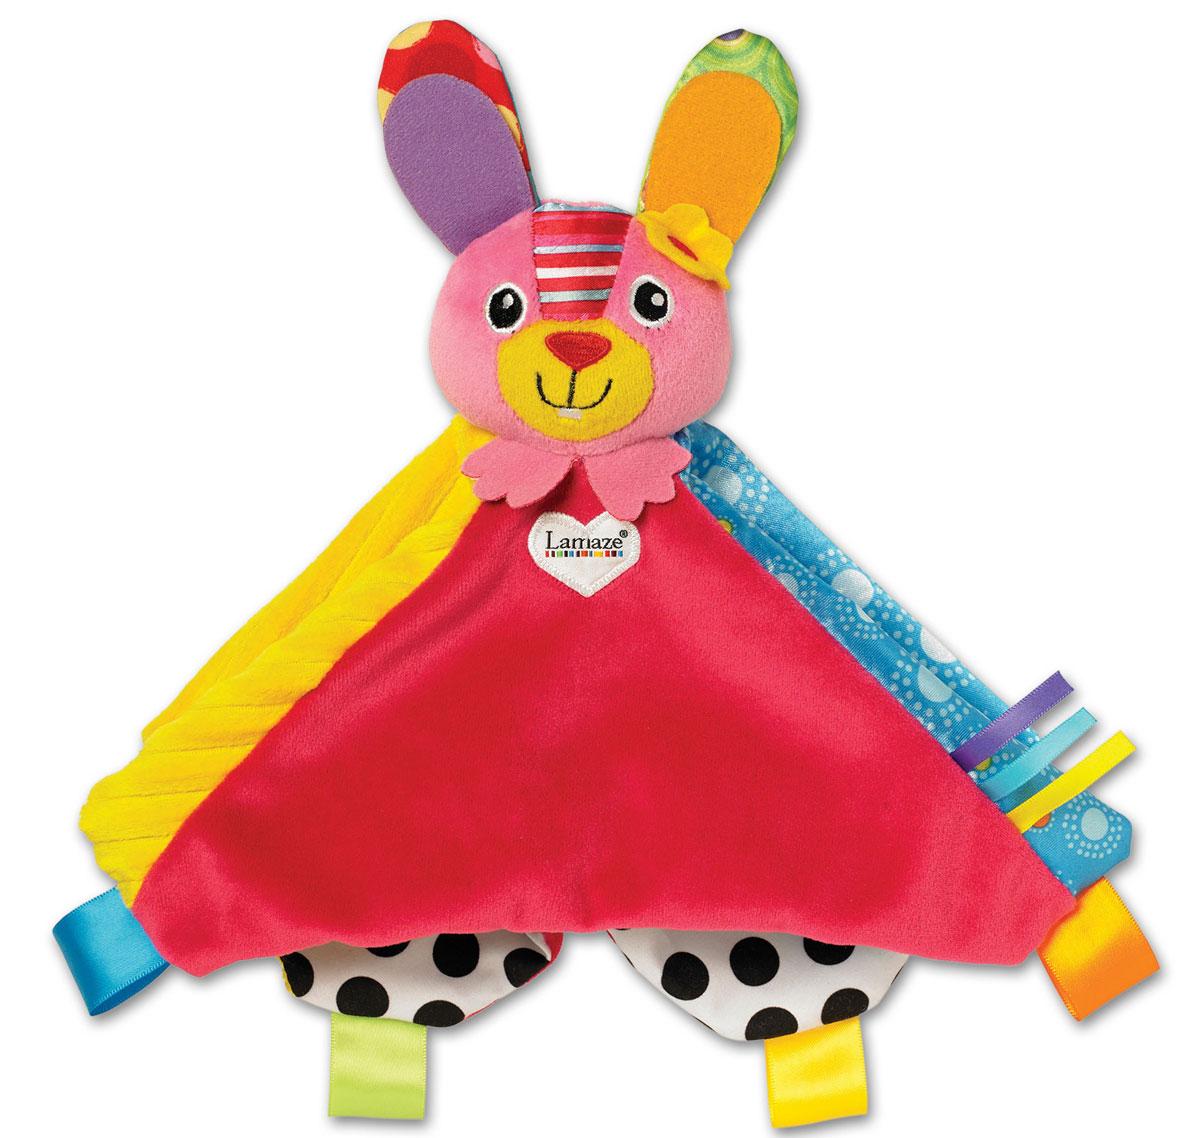 Lamaze Развивающая игрушка Зайка Белла погремушки tomy погремушка зайка белла